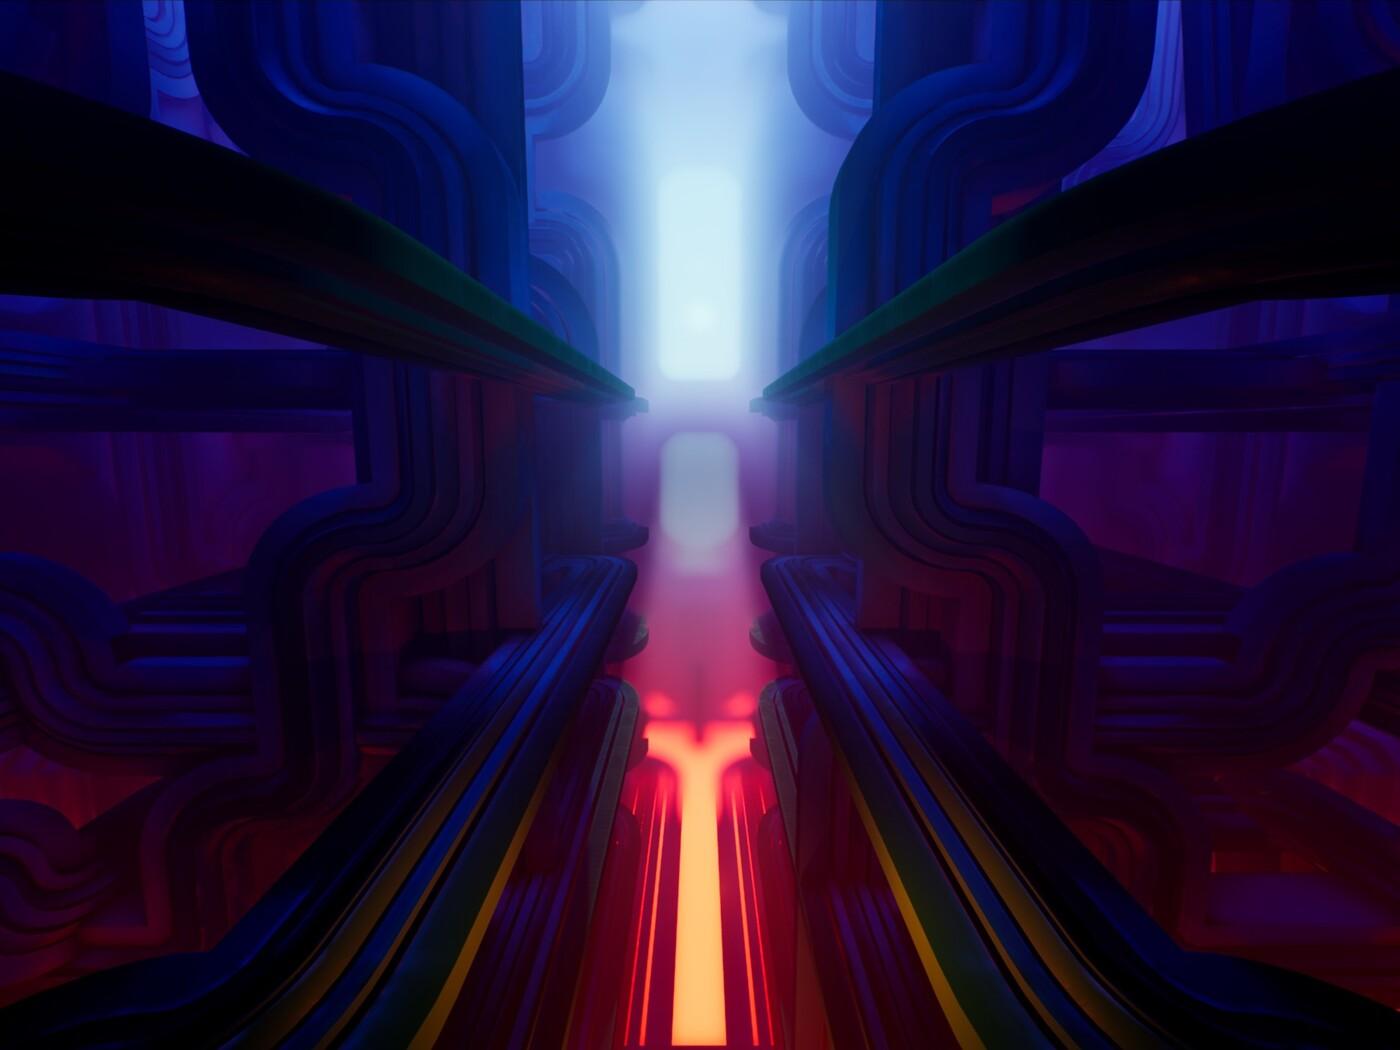 abstract-line-flame-art-yb.jpg